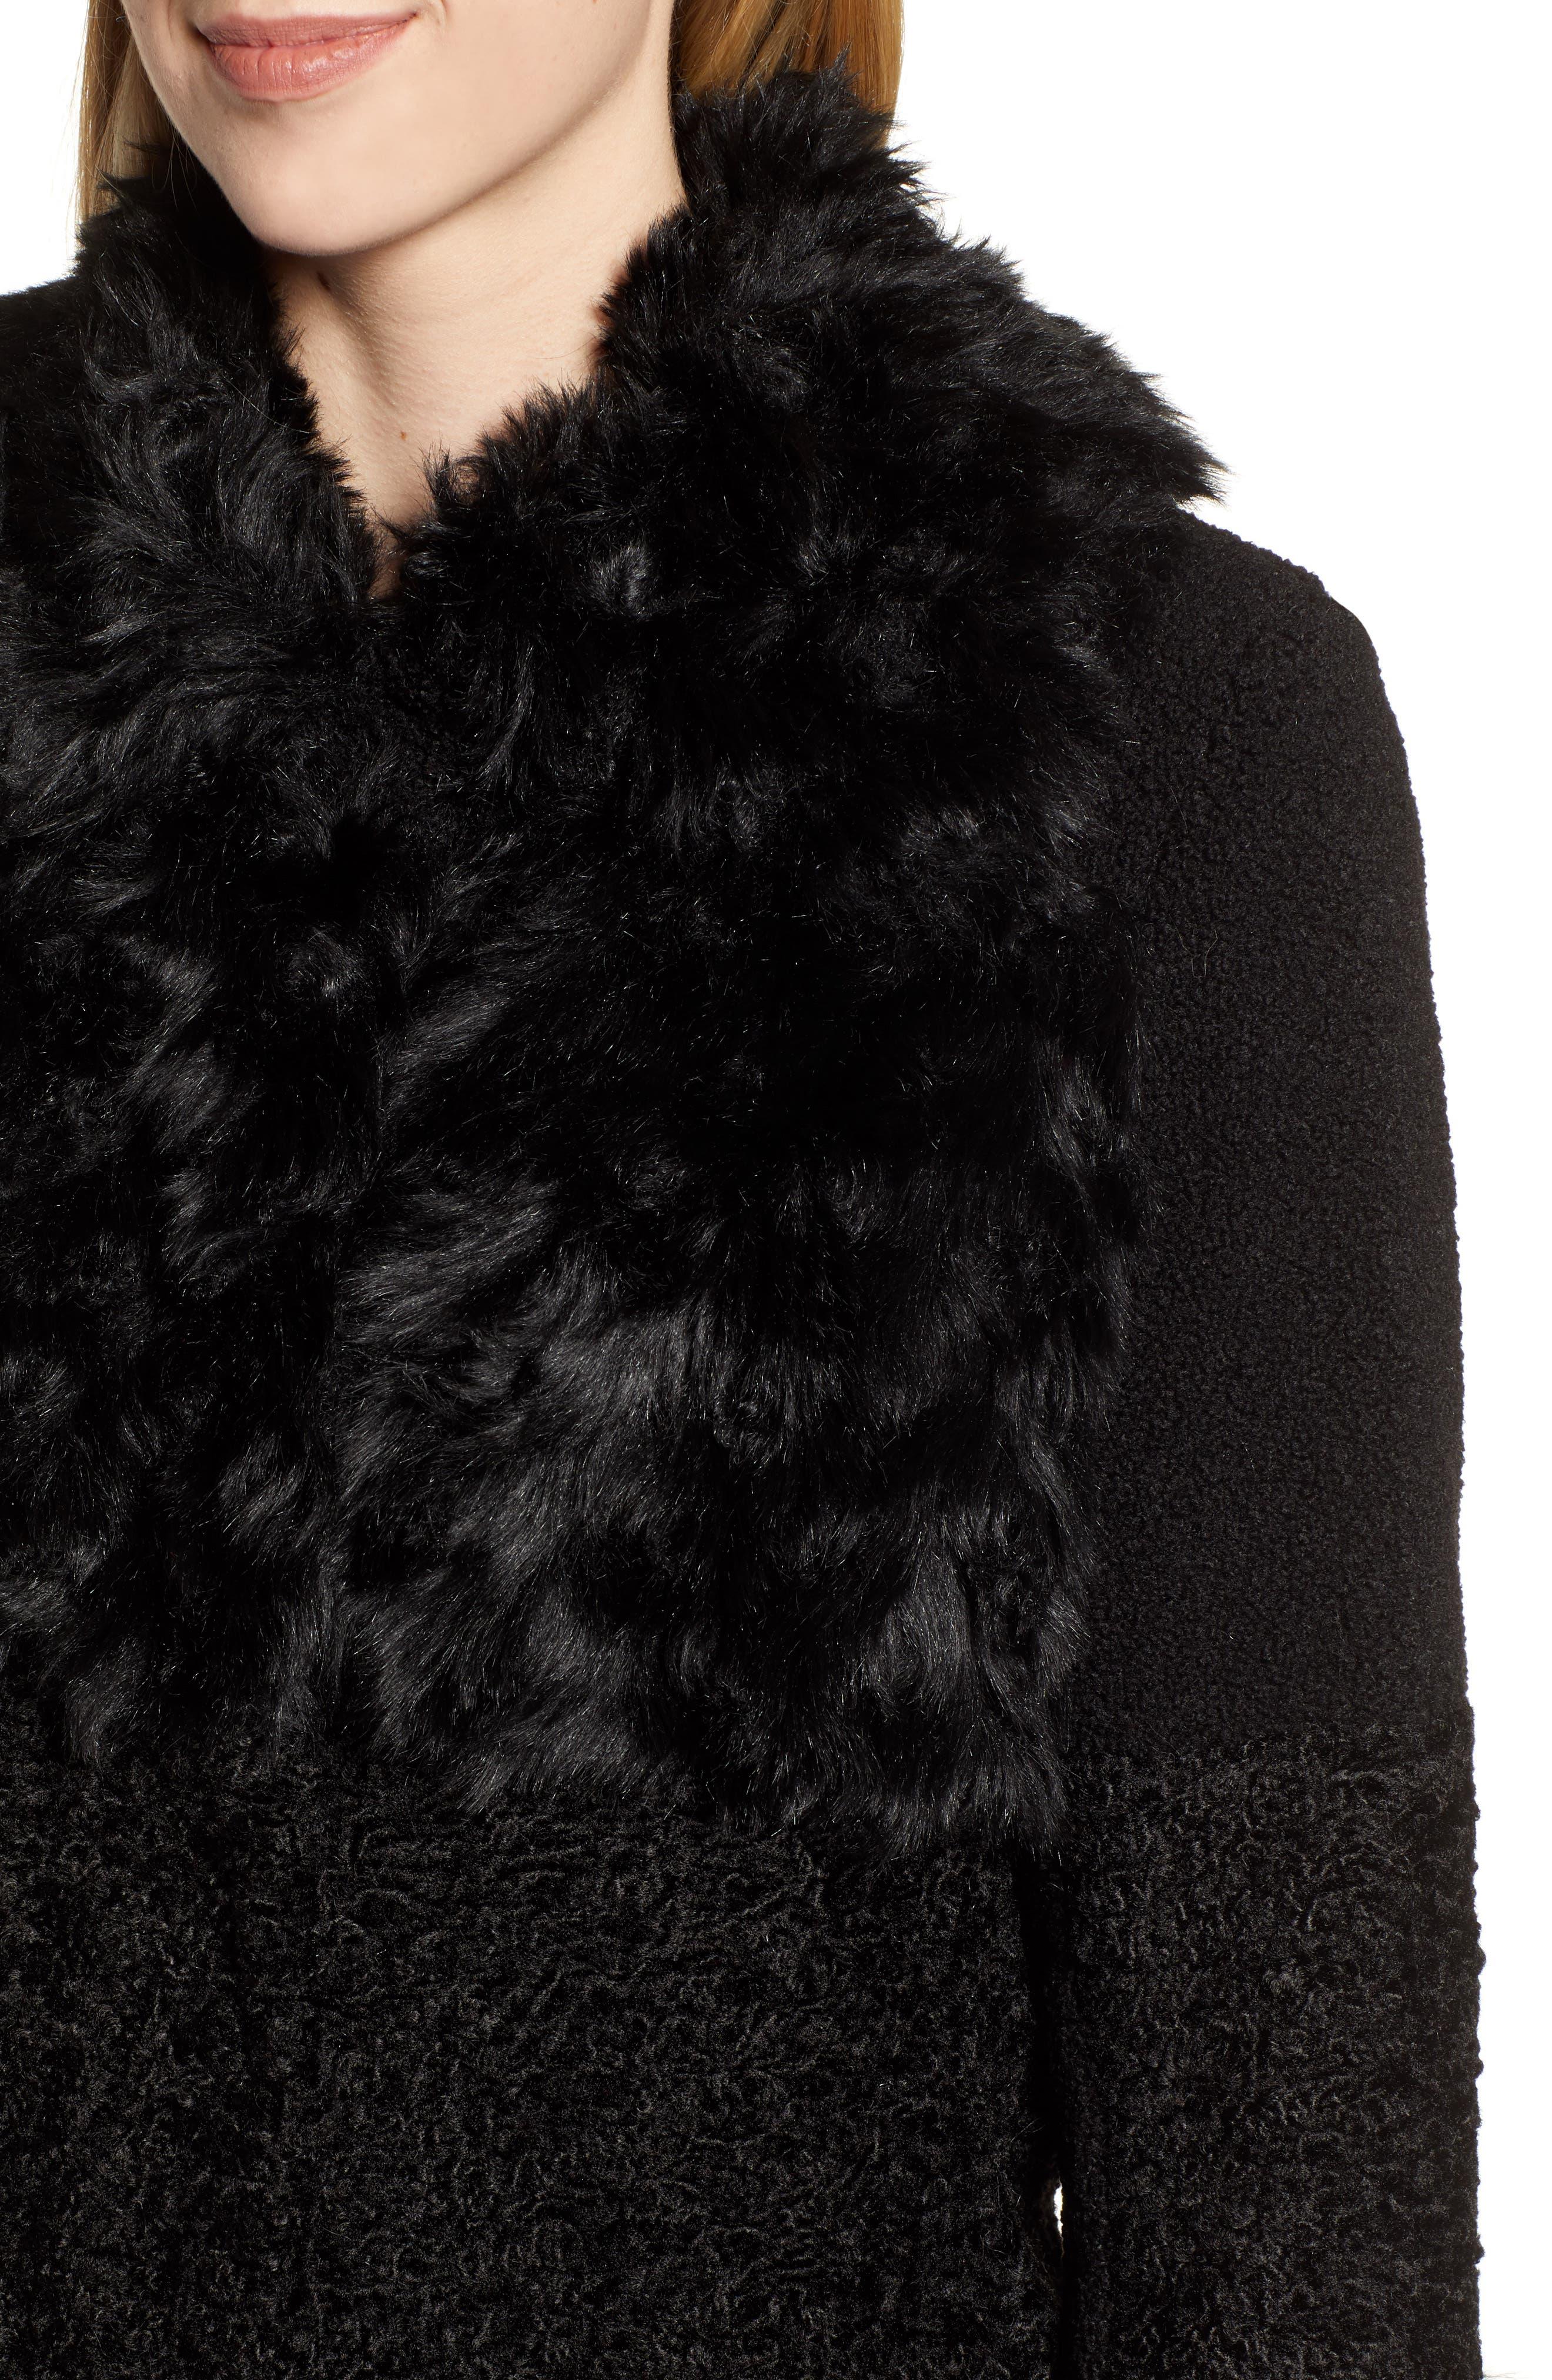 KENSIE, Faux Fur Patchwork Coat, Alternate thumbnail 5, color, 001